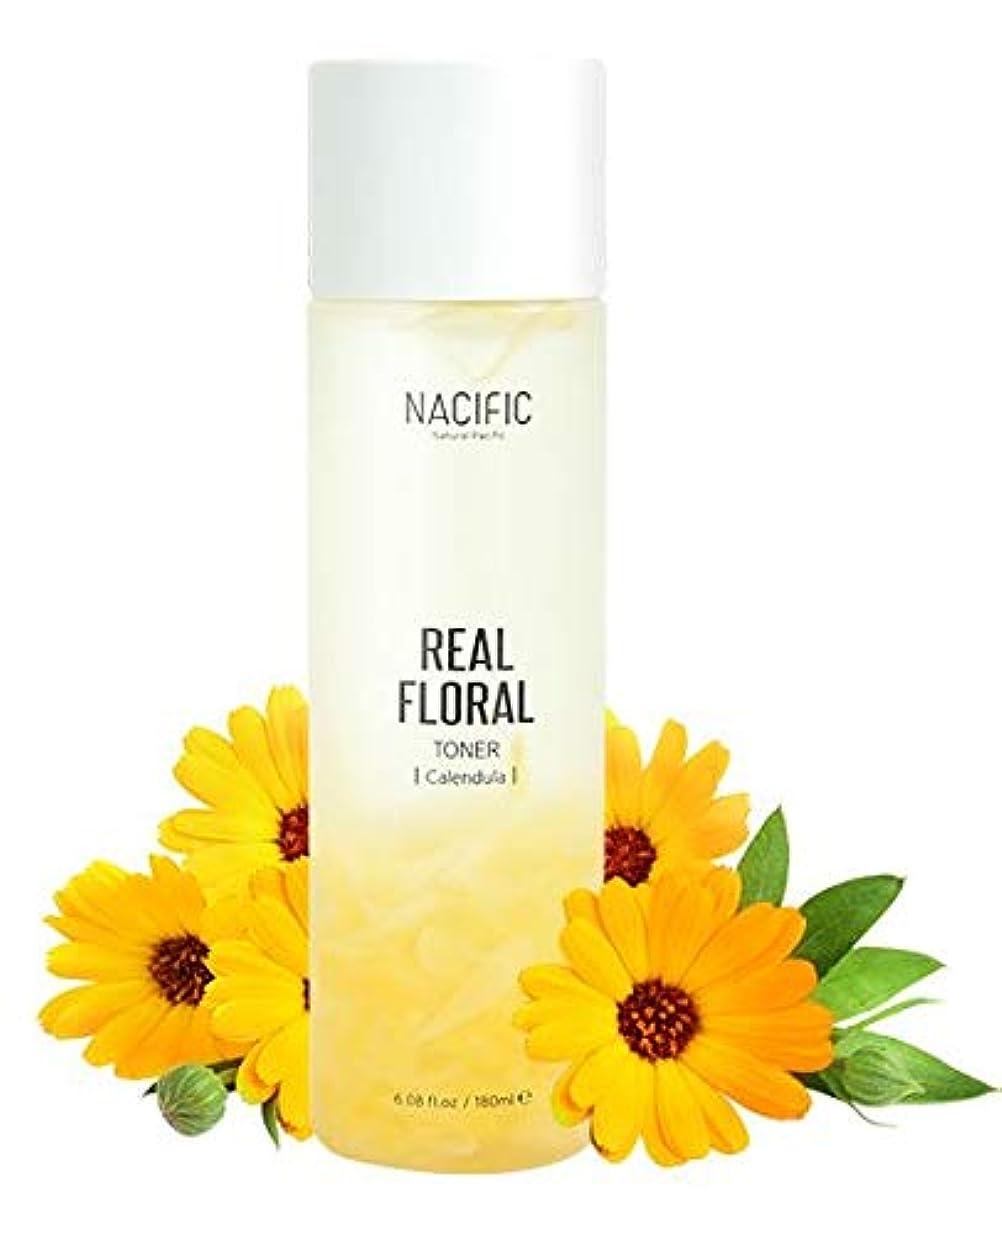 協力杭なる[Nacific] Real Floral Toner(Calendula) 180ml /[ナシフィック] リアル フローラル トナー(カレンデュラ) 180ml [並行輸入品]